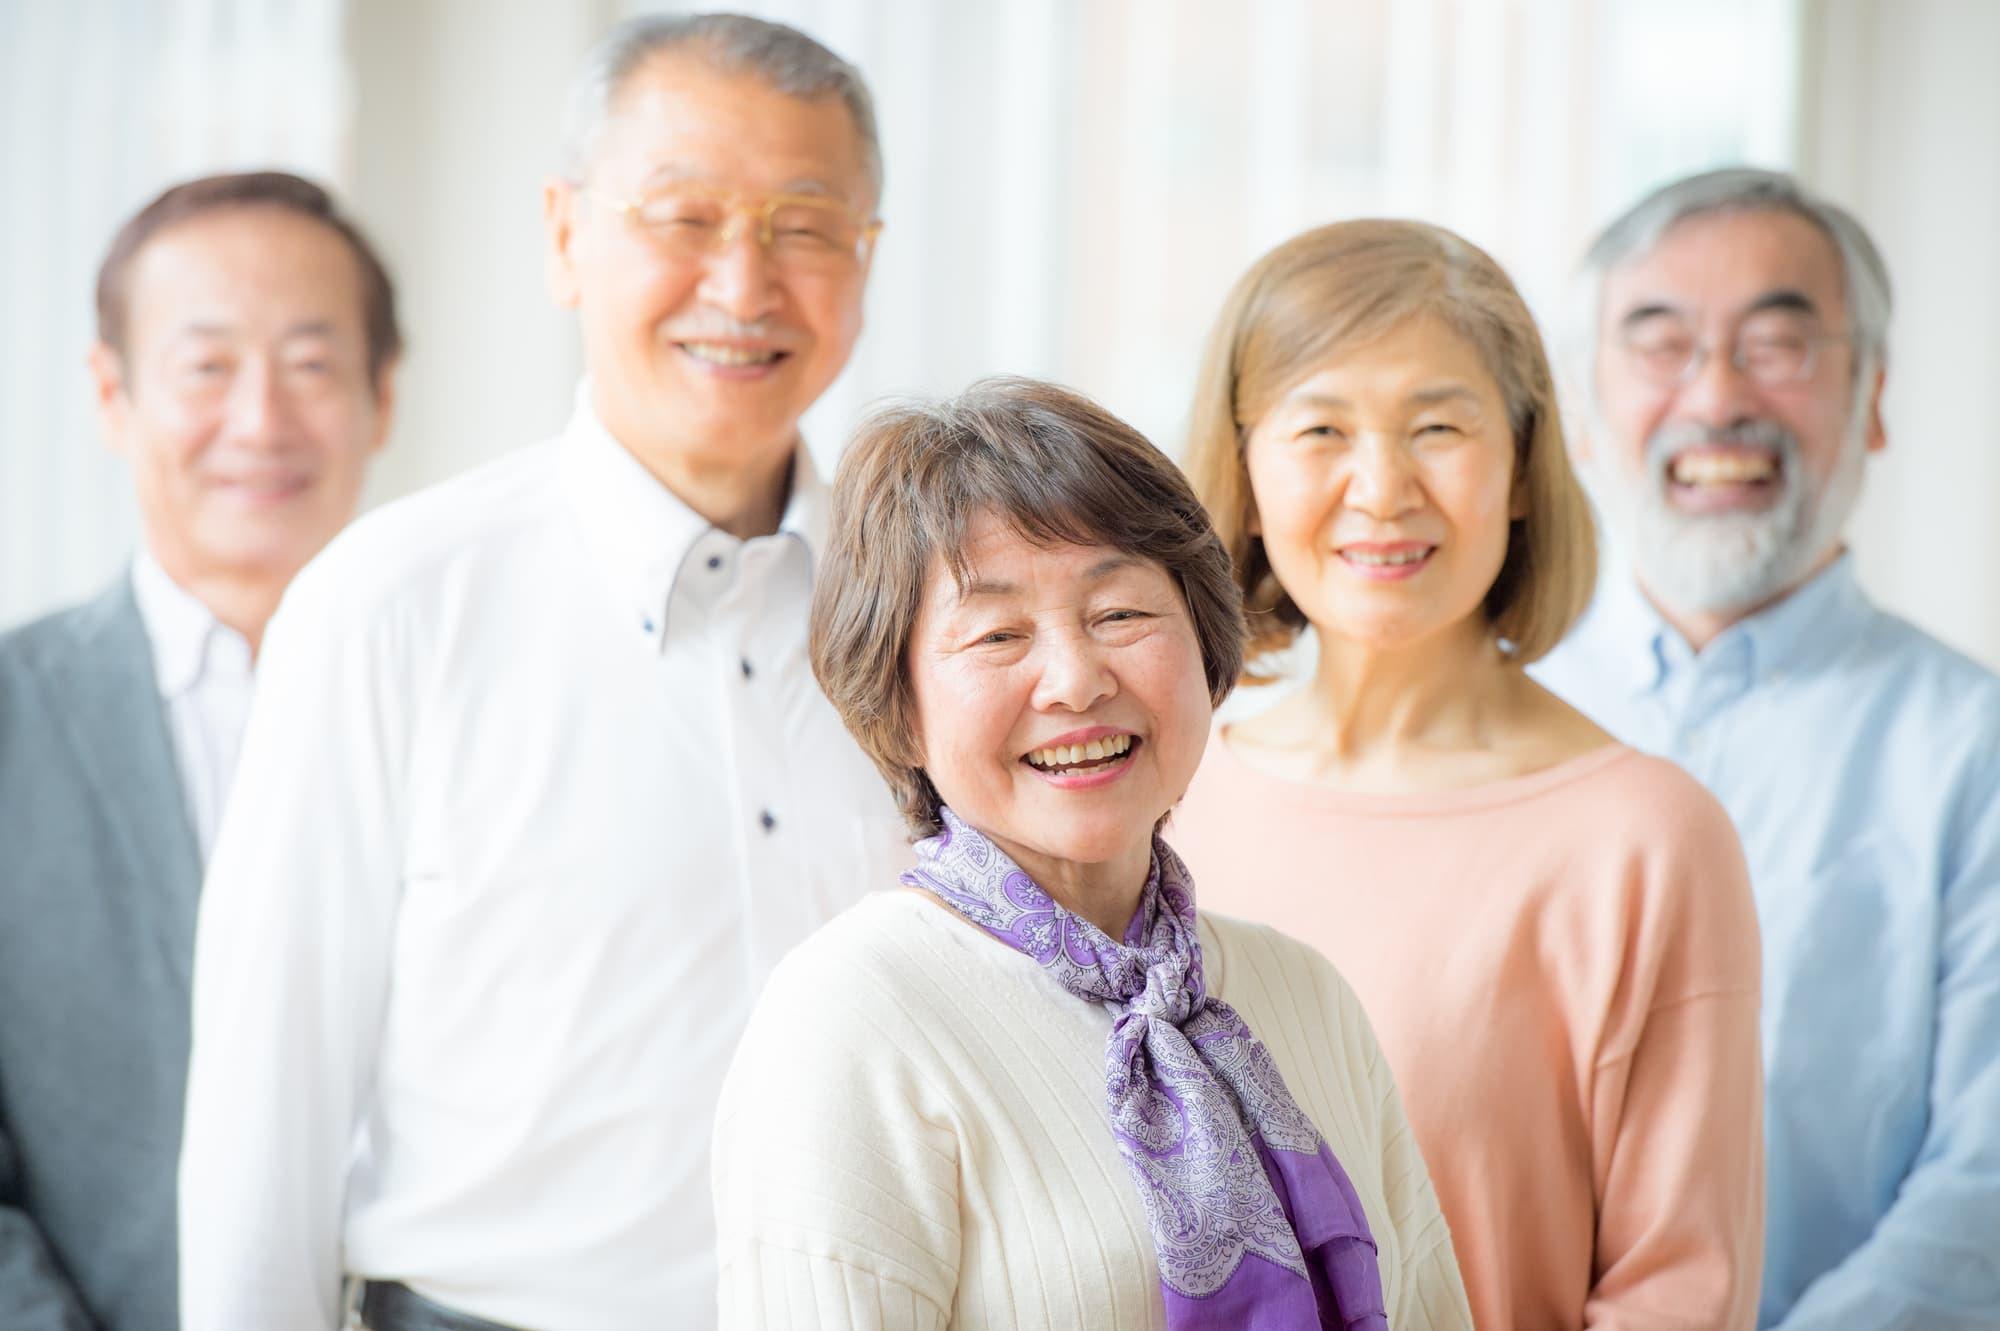 老後の生活費、平均でいくらかかる?夫婦・独身それぞれのケースを解説